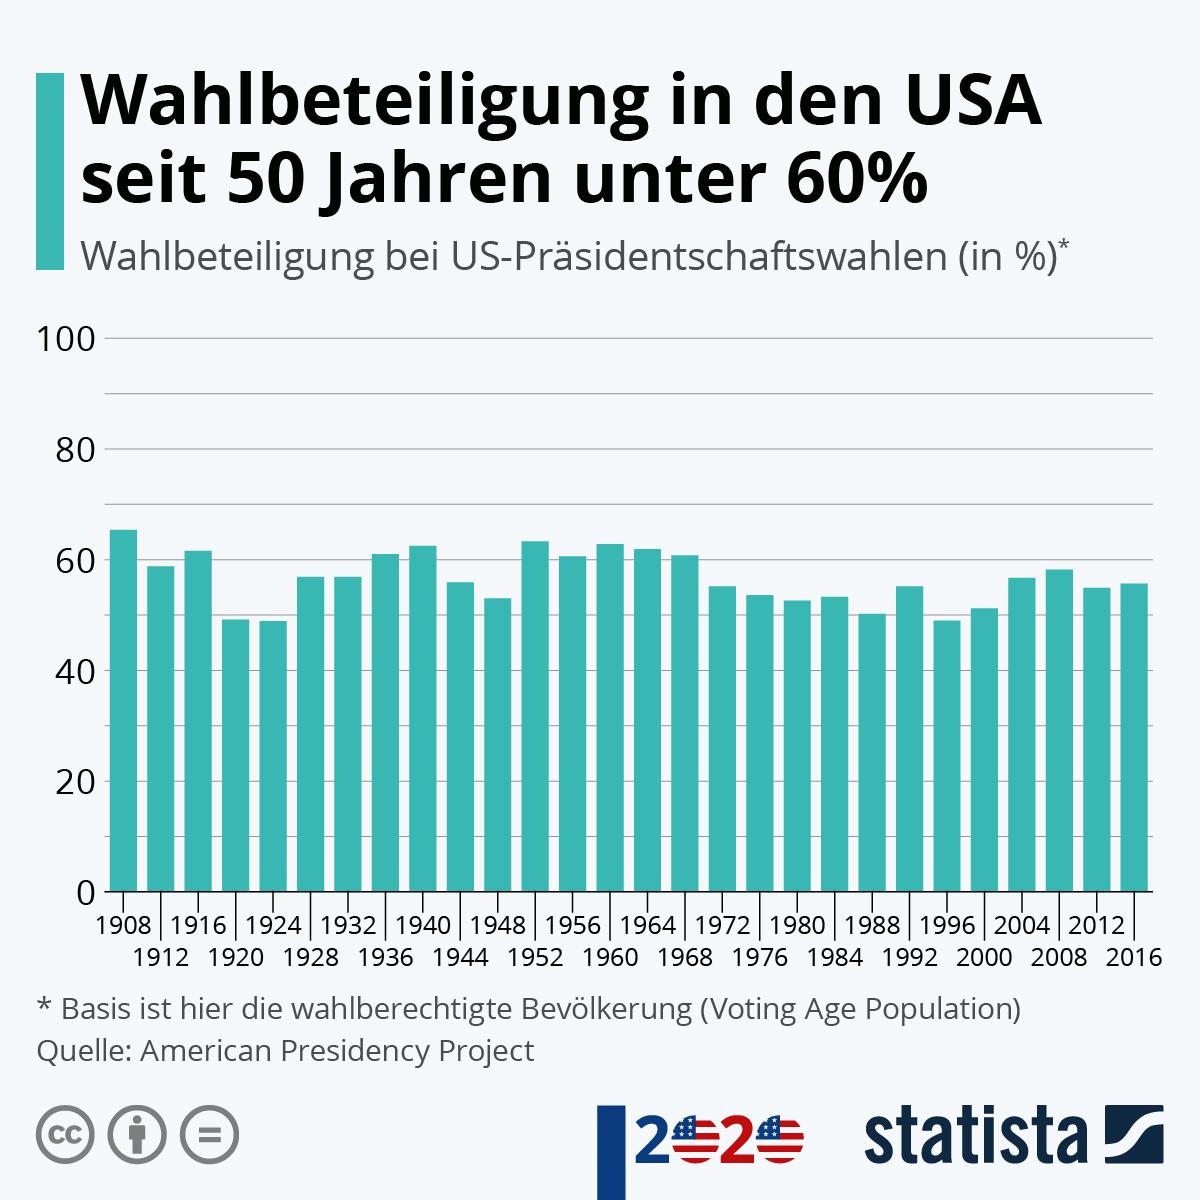 Infografik: Wahlbeteiligung in den USA seit 50 Jahren unter 60% | Statista